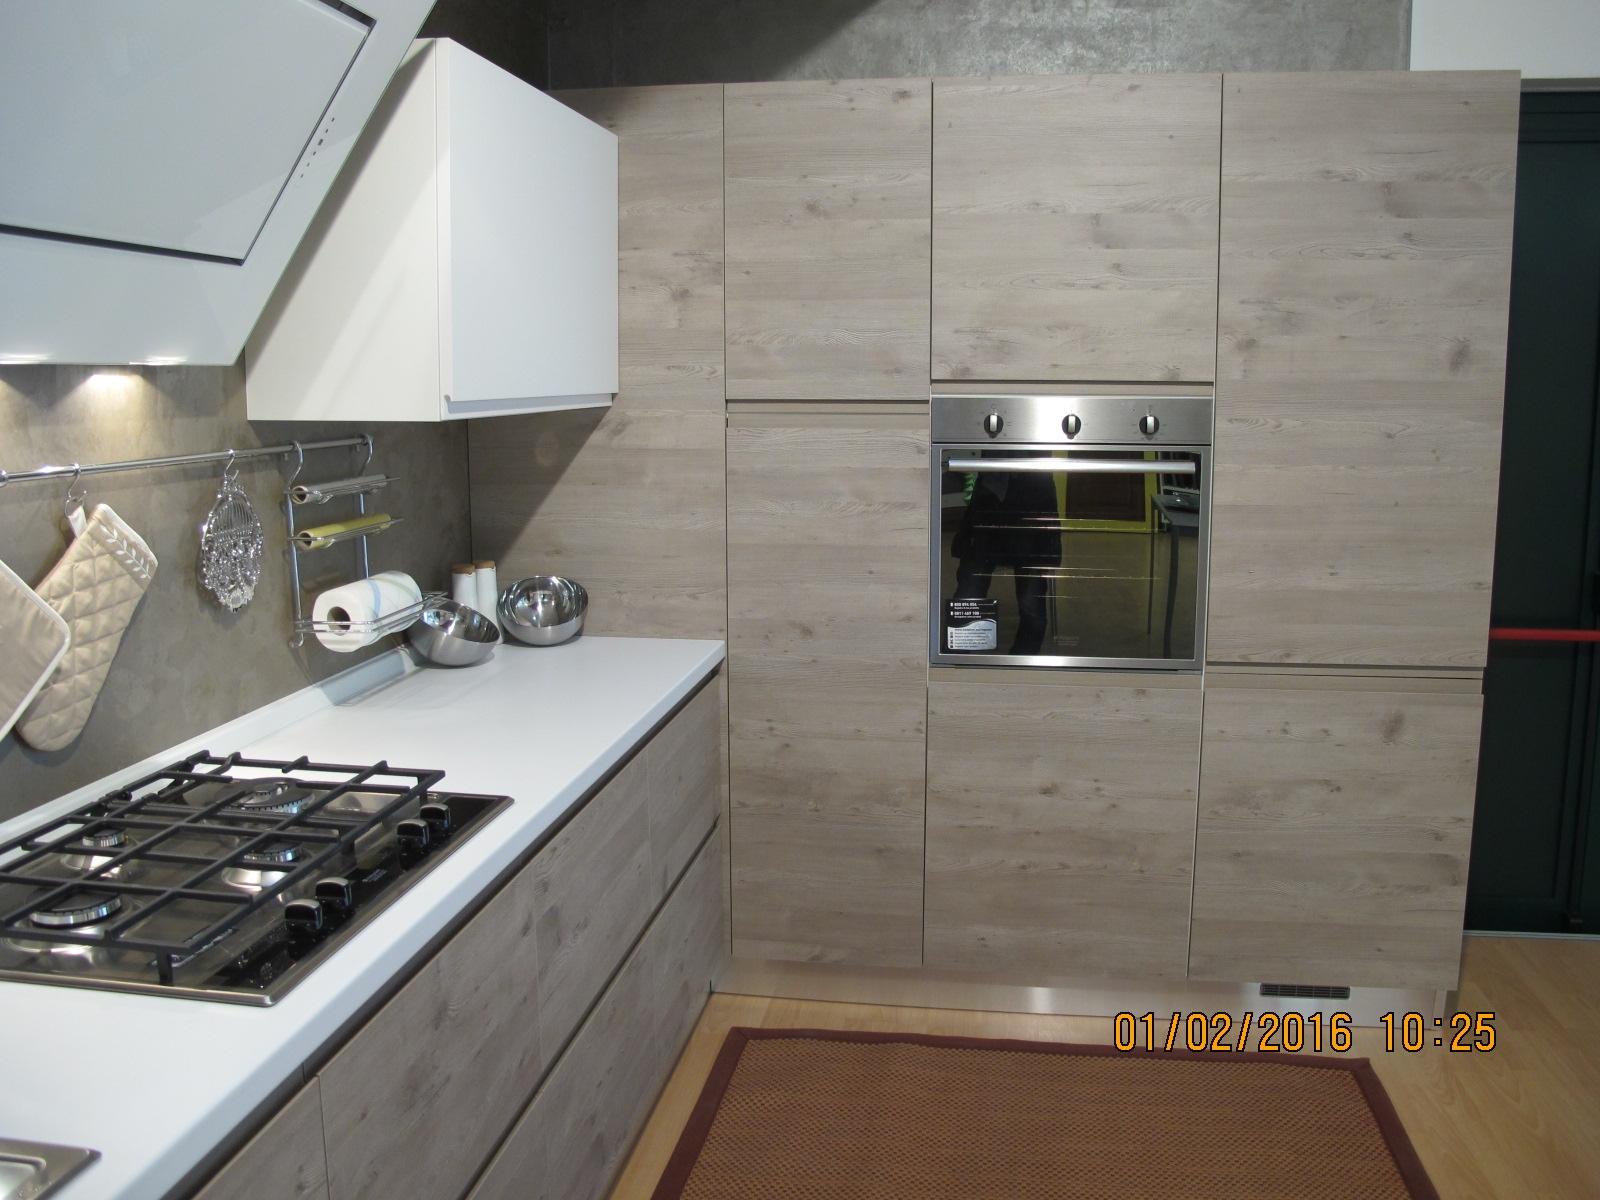 Cucine Moderne Con Dispensa Ad Angolo | madgeweb.com idee di ...